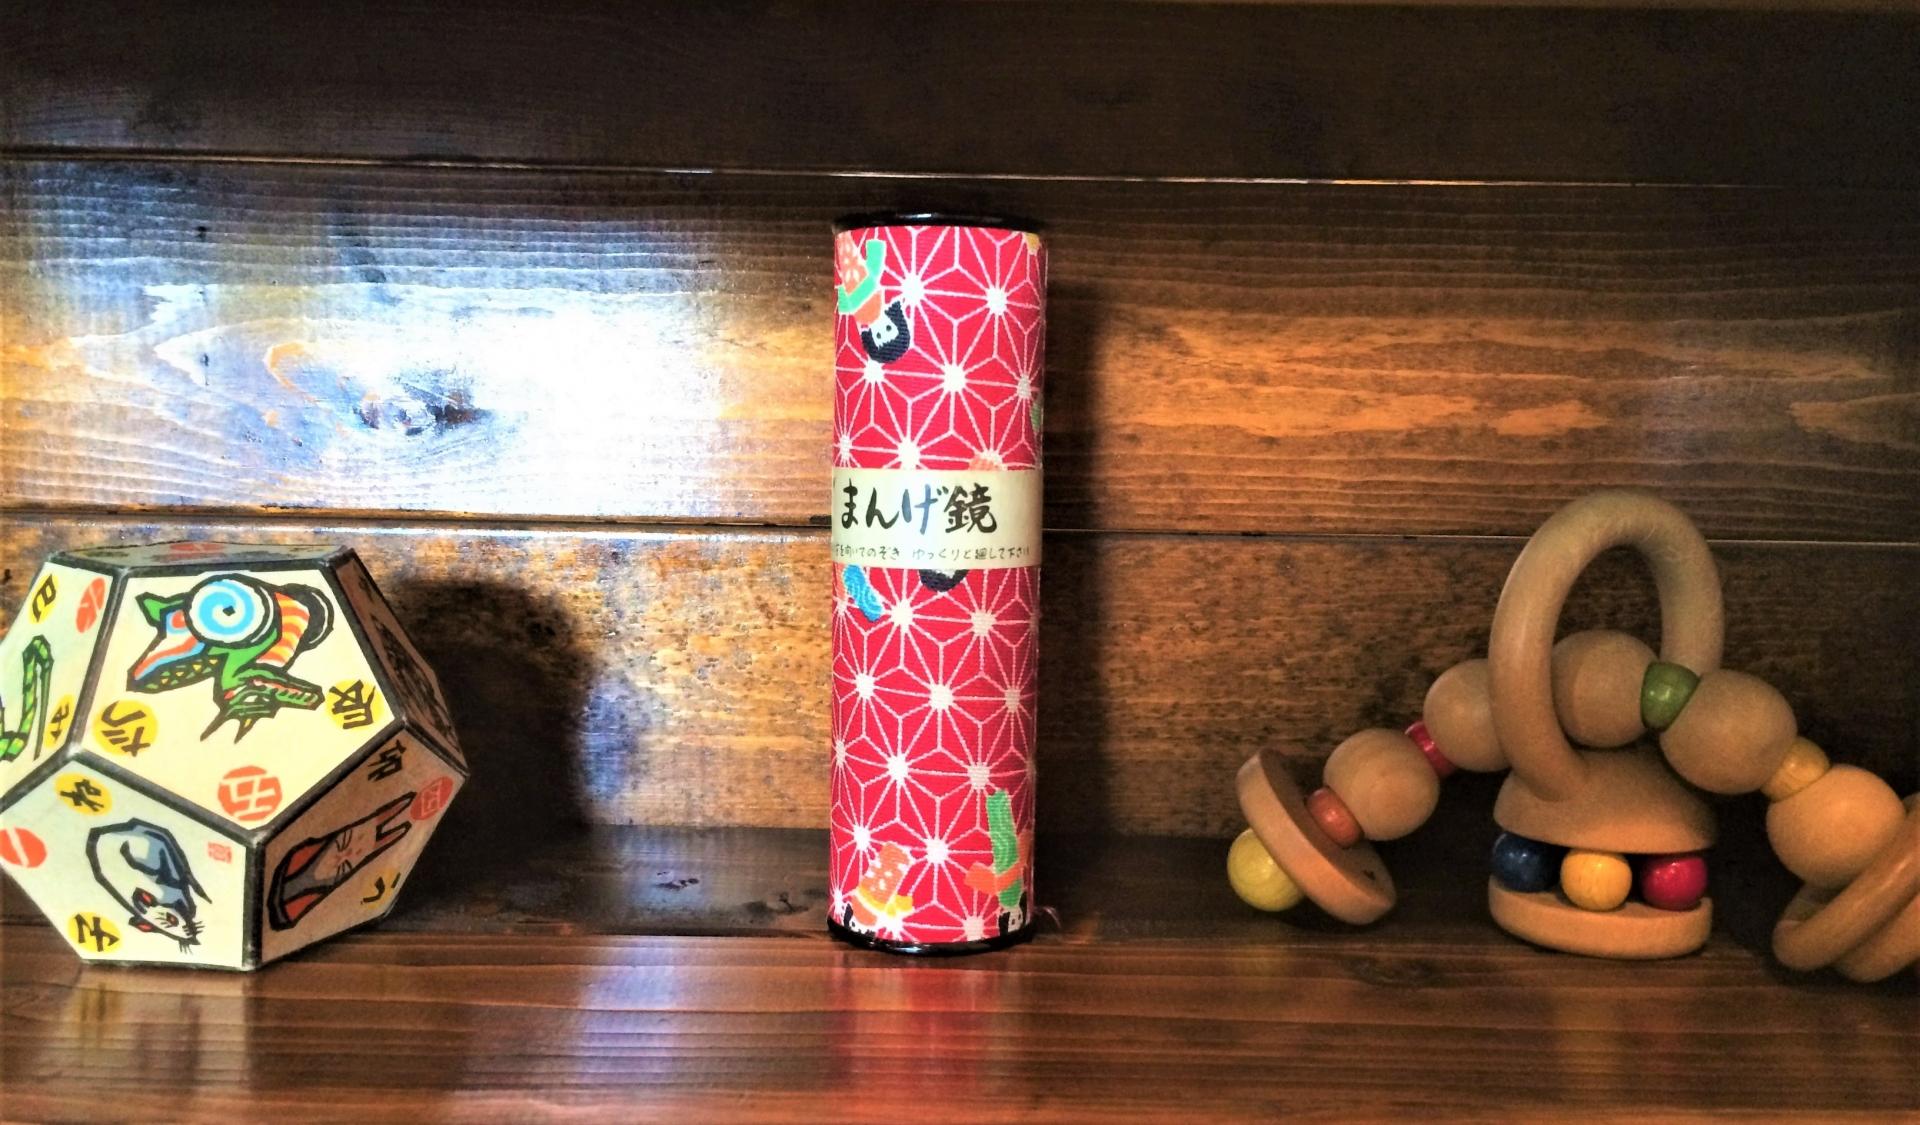 万華鏡のおすすめ5選&選び方【プレゼントにも人気】